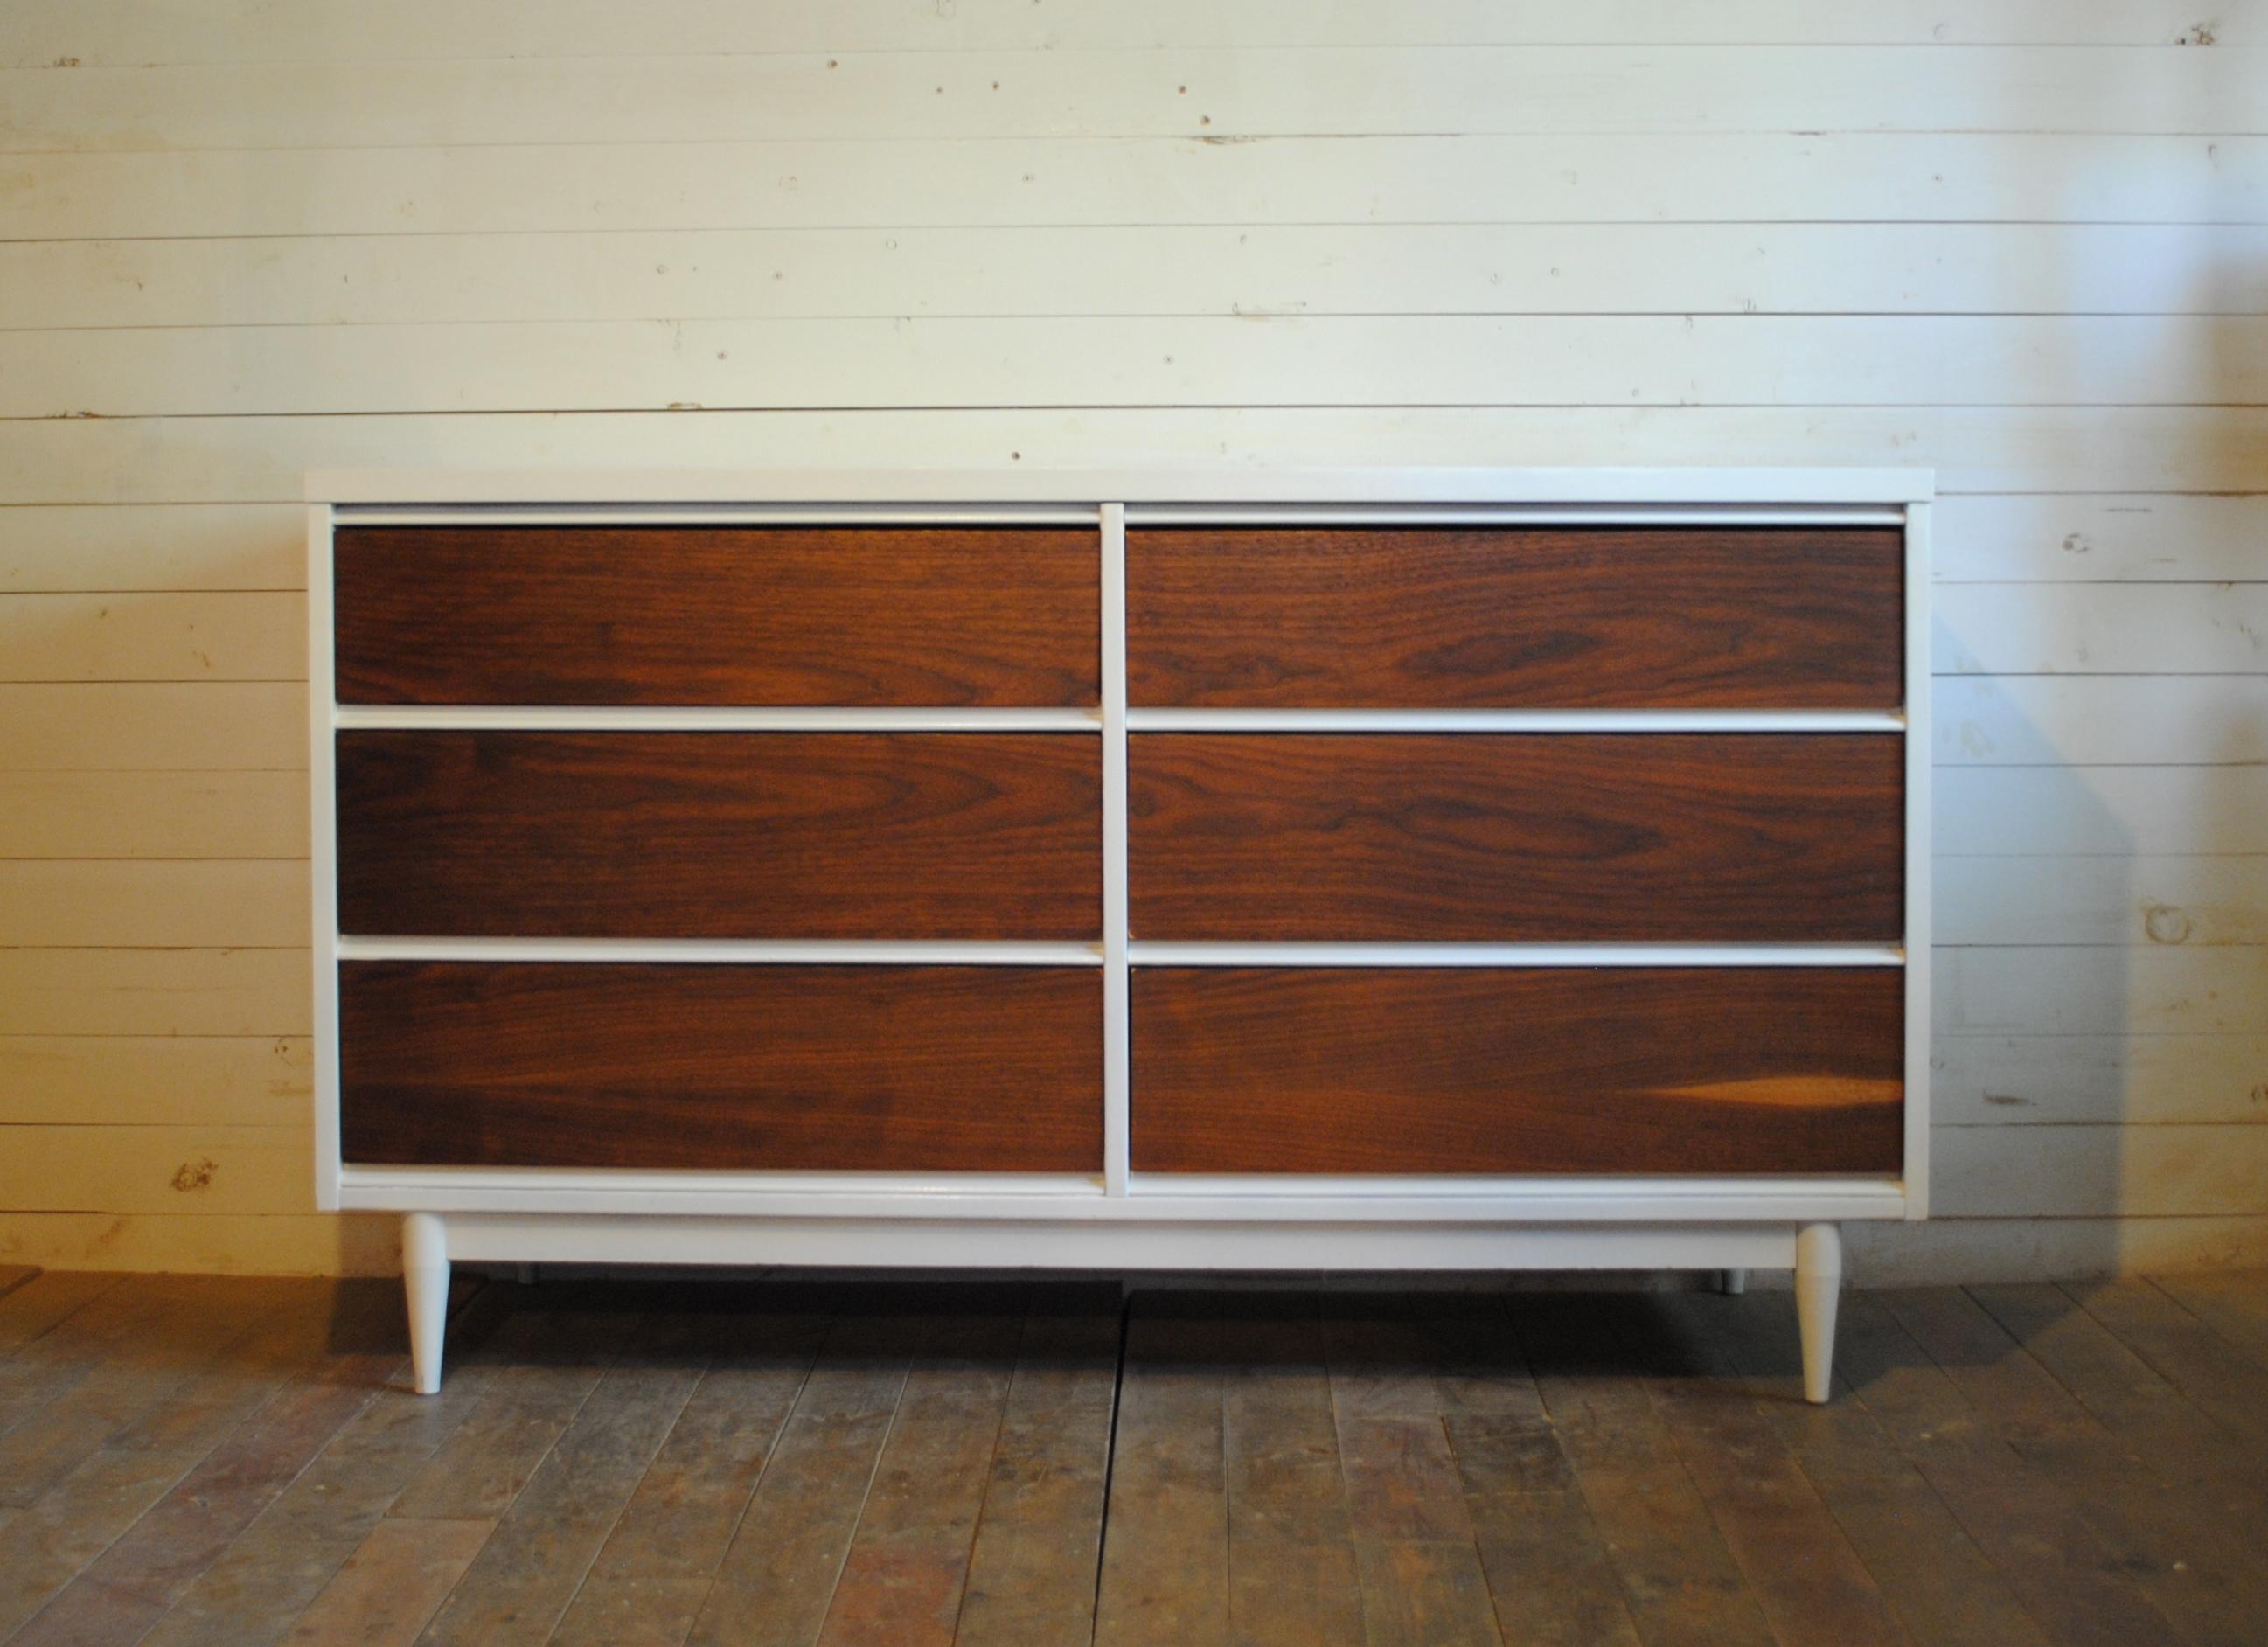 Mid Century Modern Six Drawer Dresser   Credenza. Mid Century Modern Six Drawer Dresser   Credenza   Phylum Furniture